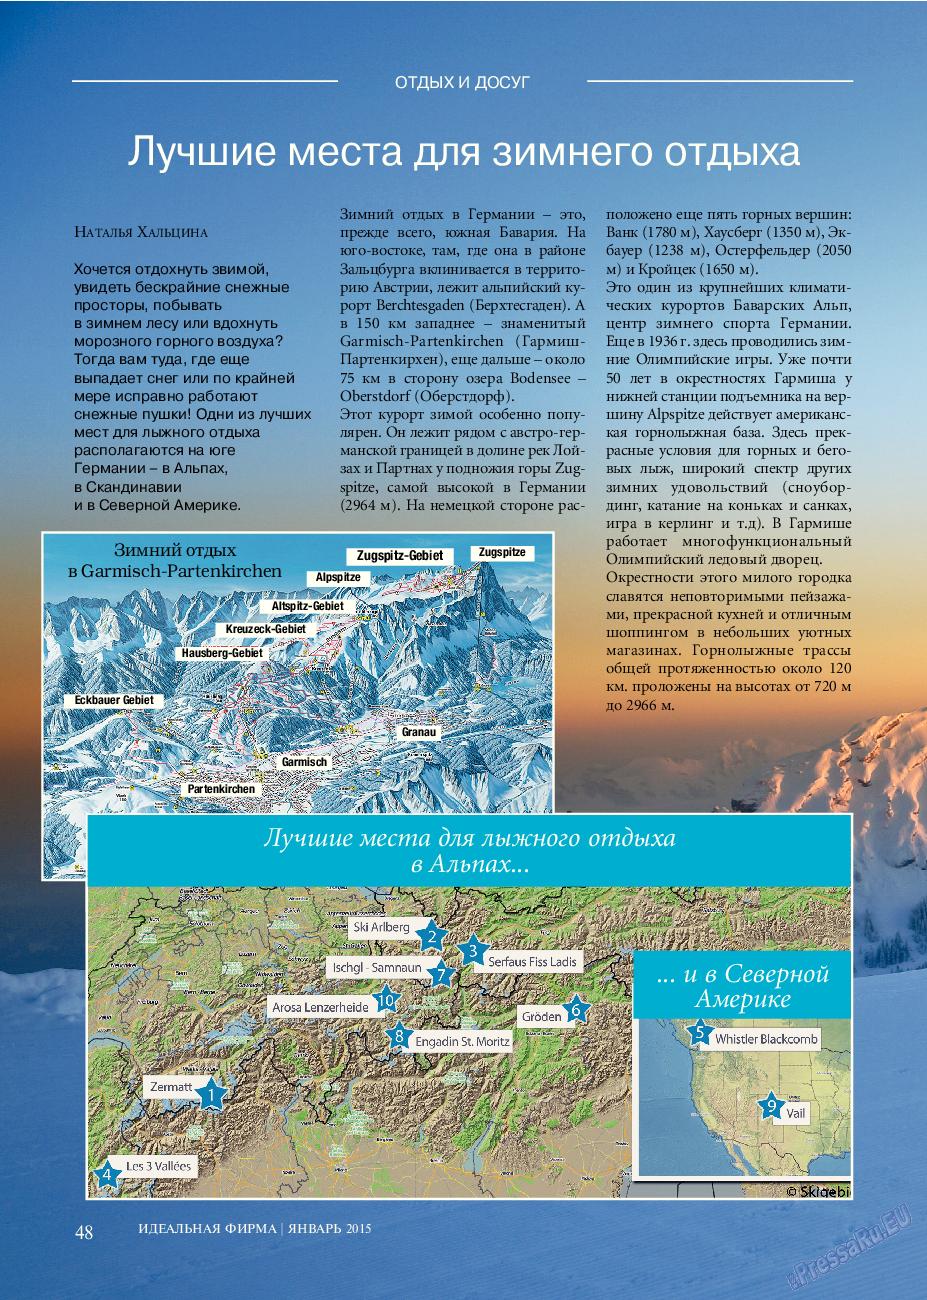 Идеальная фирма (журнал). 2015 год, номер 1, стр. 48